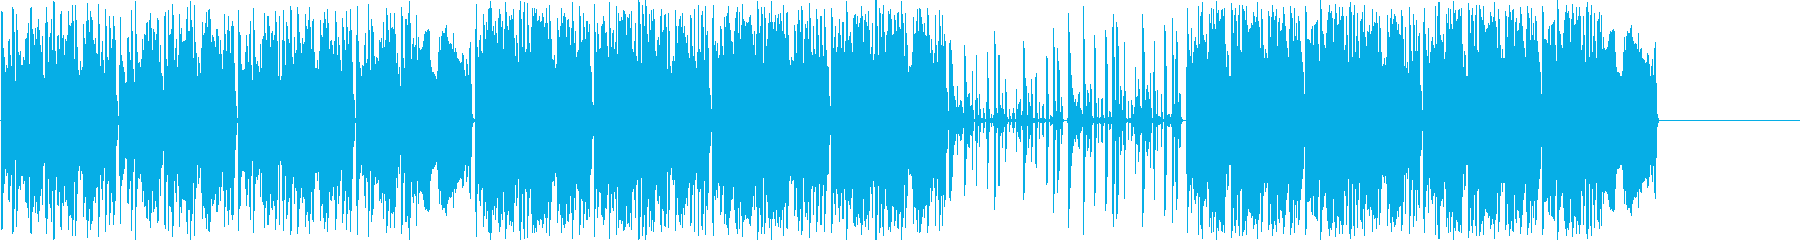 メカニカルグルーブと「バブリー」ベ...の再生済みの波形